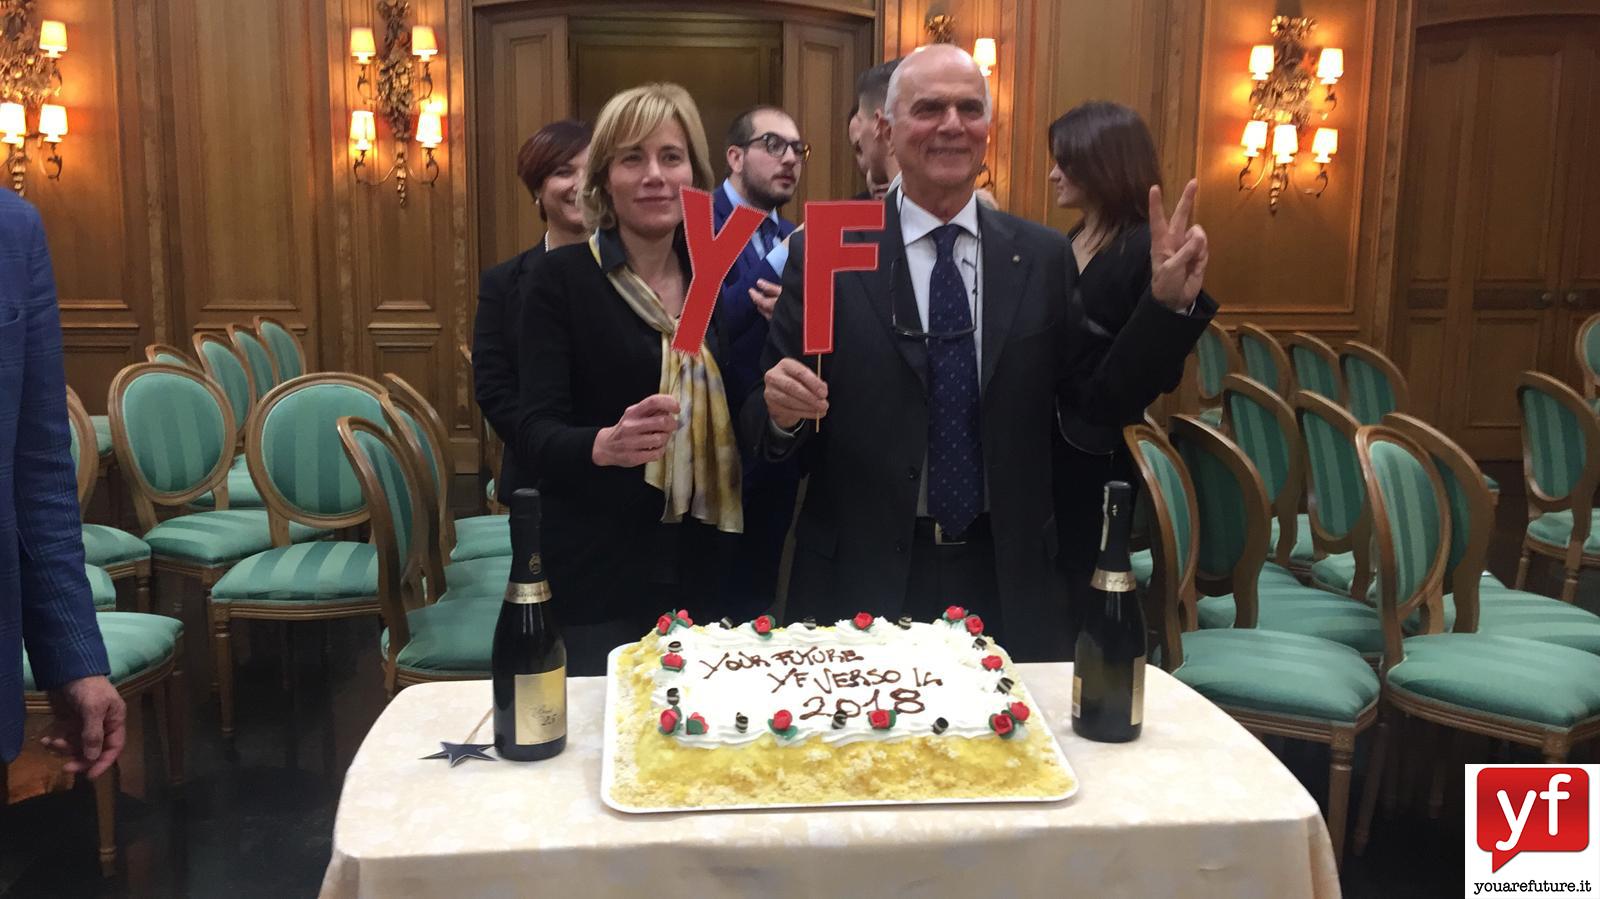 La giornalista Antonella Gaetani e Renaldo Cinque.